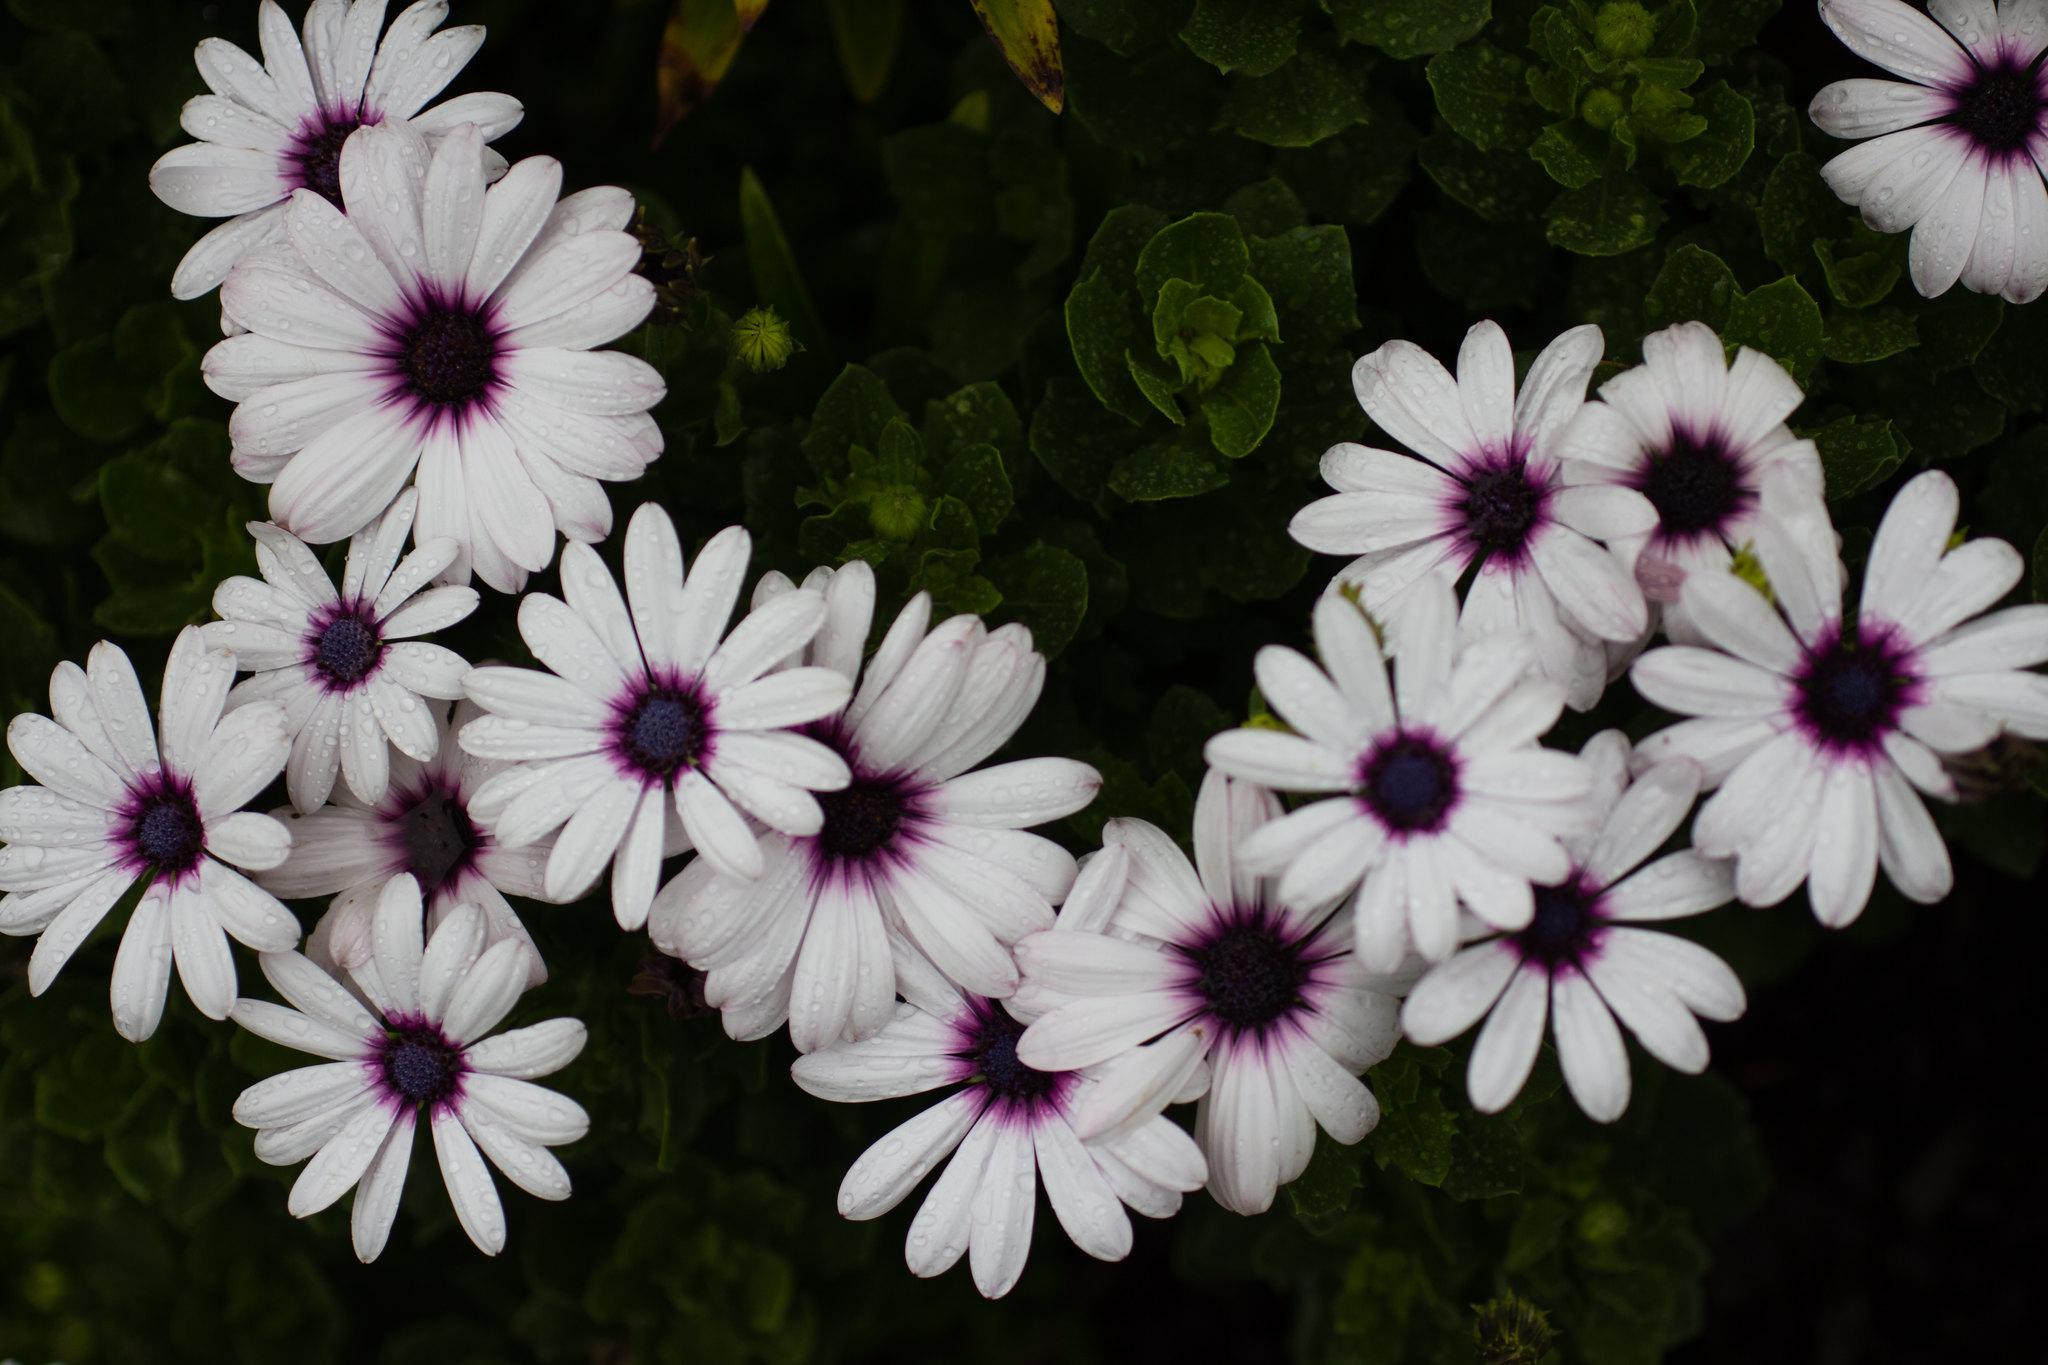 spray of purple daisies